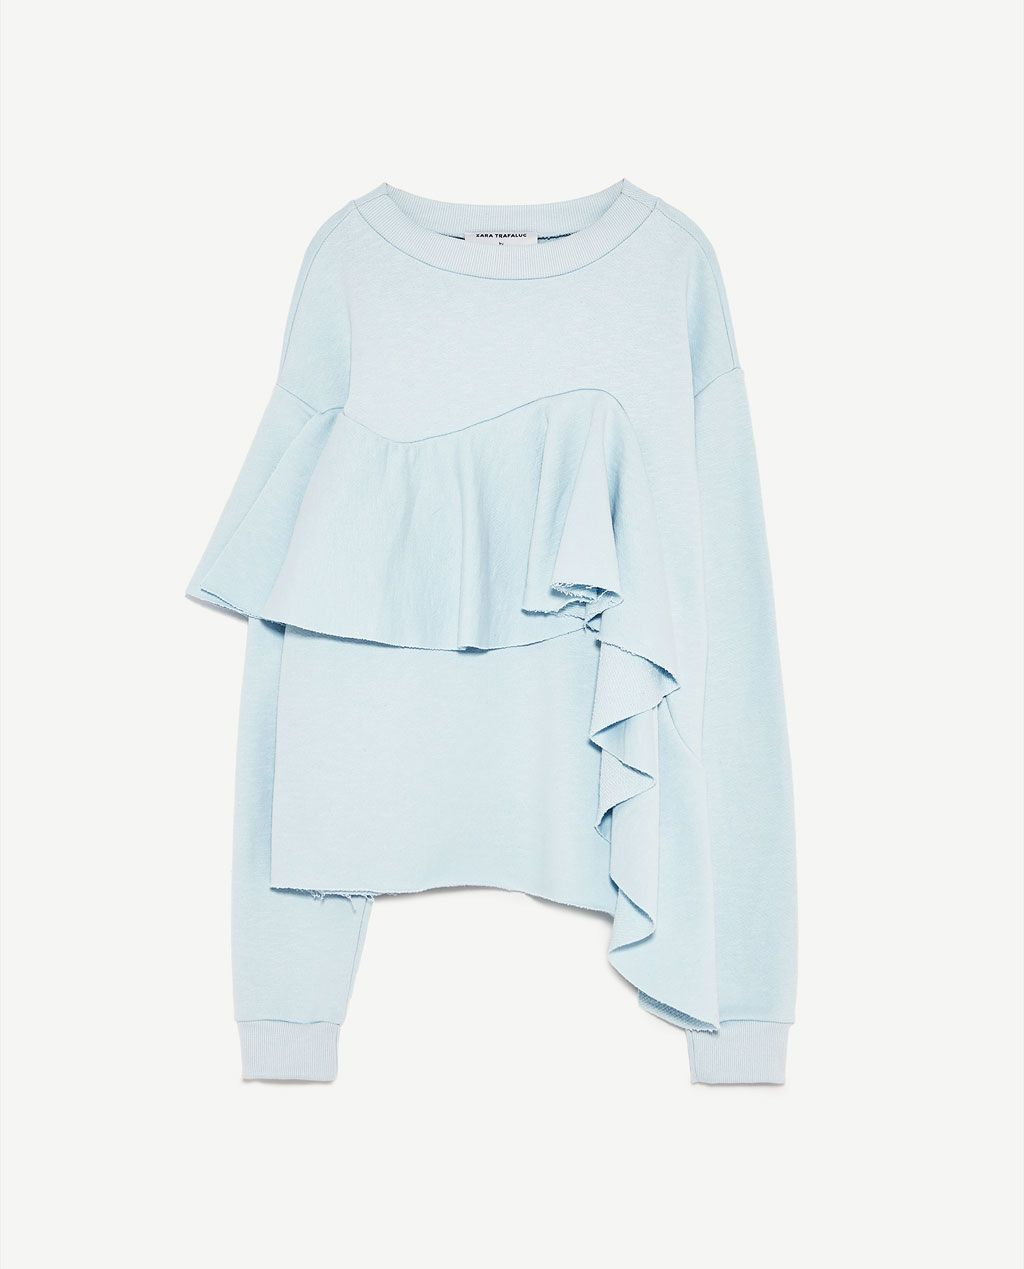 Zdjęcie 12 BLUZA Z FALBANKĄ z Zara  Desain blus, Model pakaian